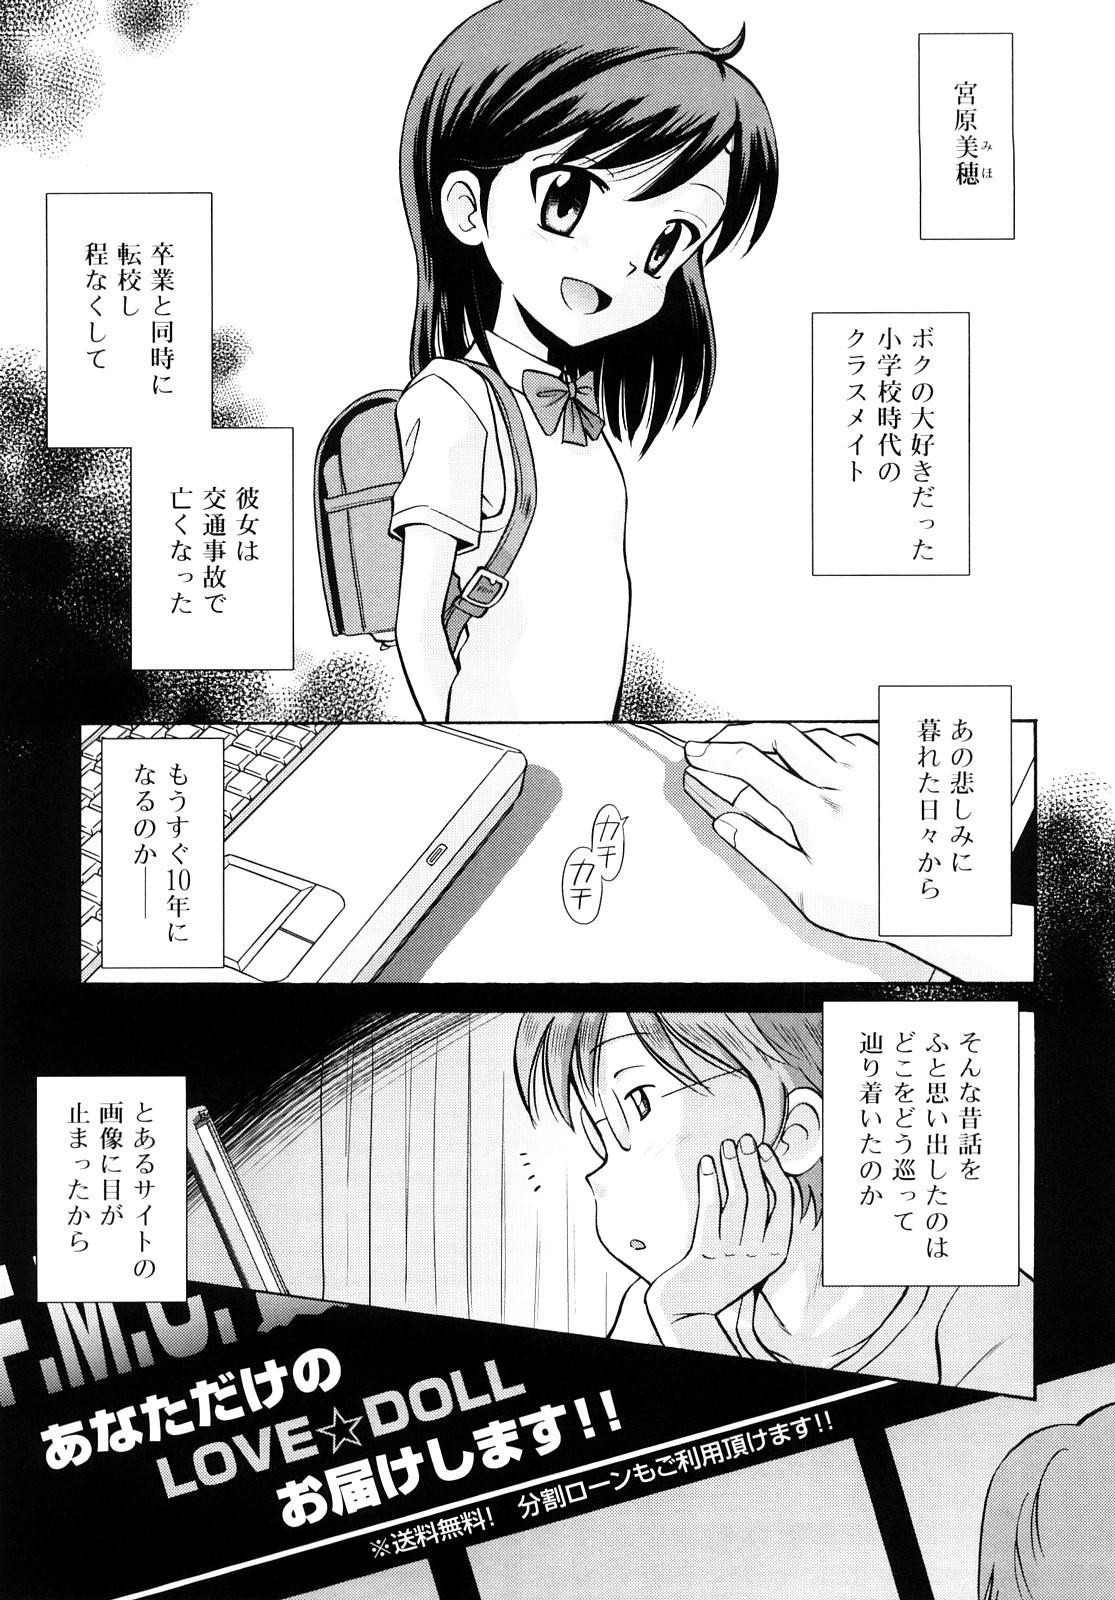 Komugiiro Rhapsody 173